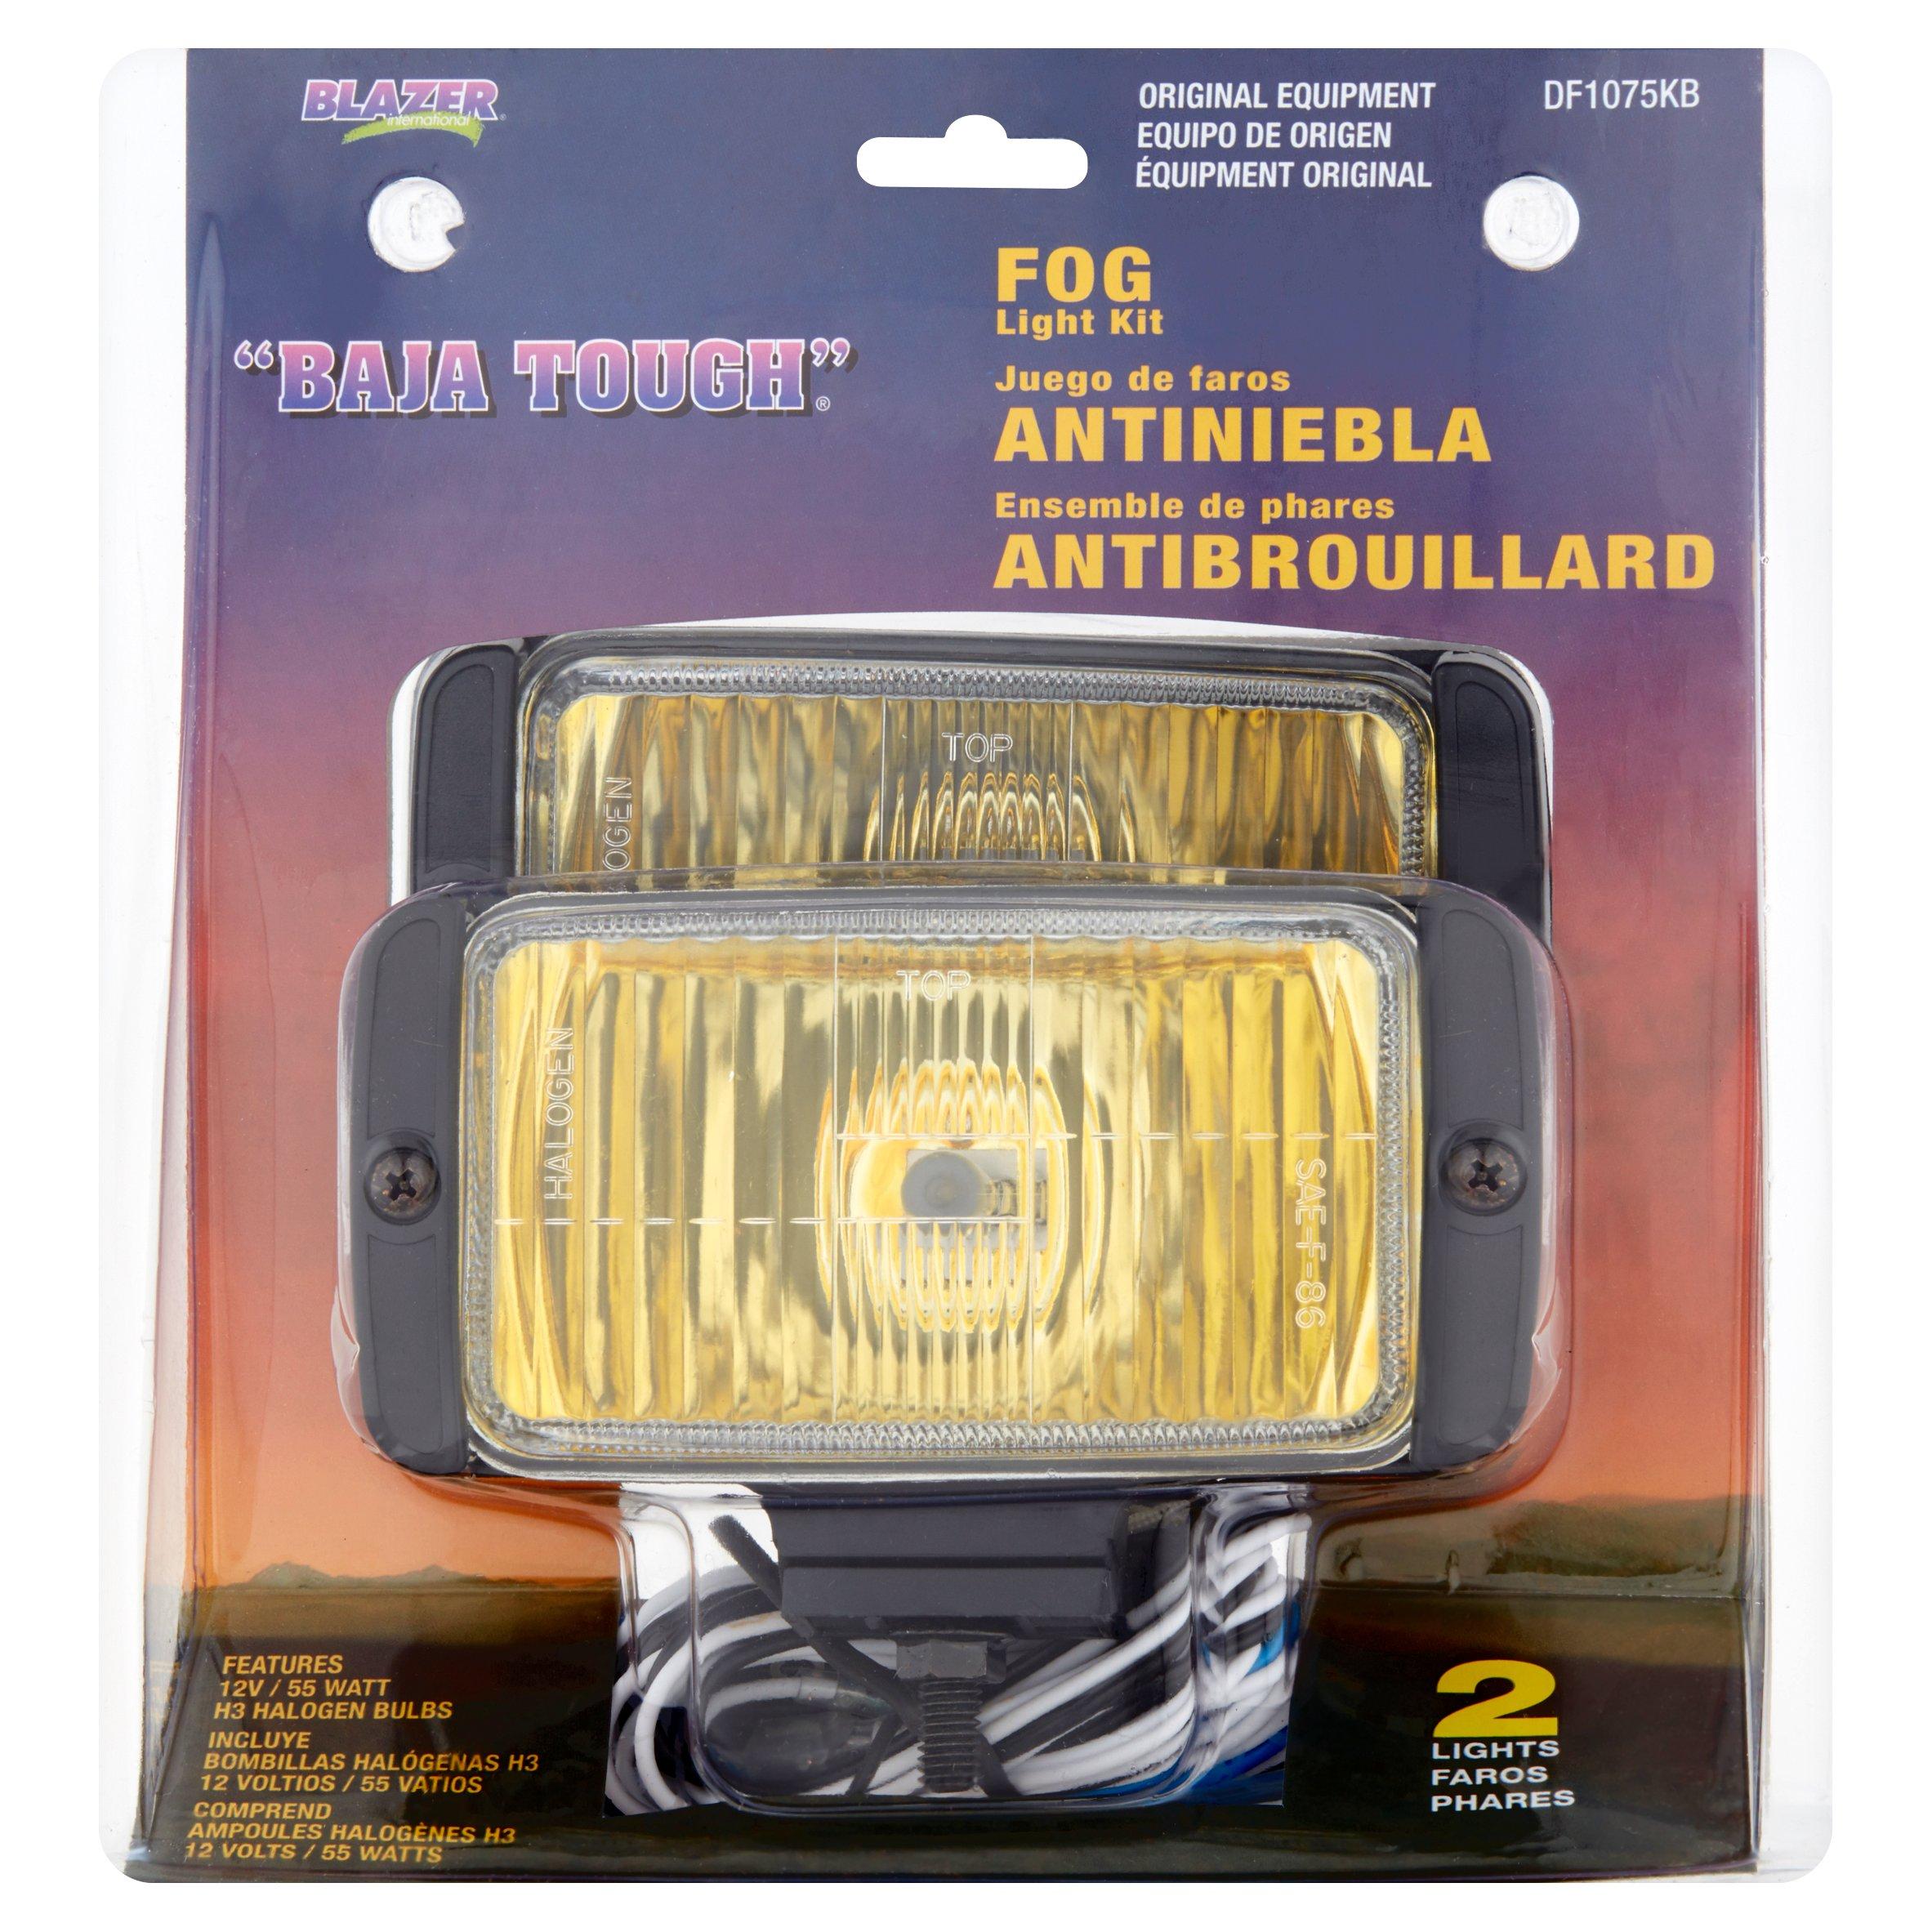 Blazer DF1075KB OE Fog Light Kit Amber Light with Black Housing, Pack of 2 Lights